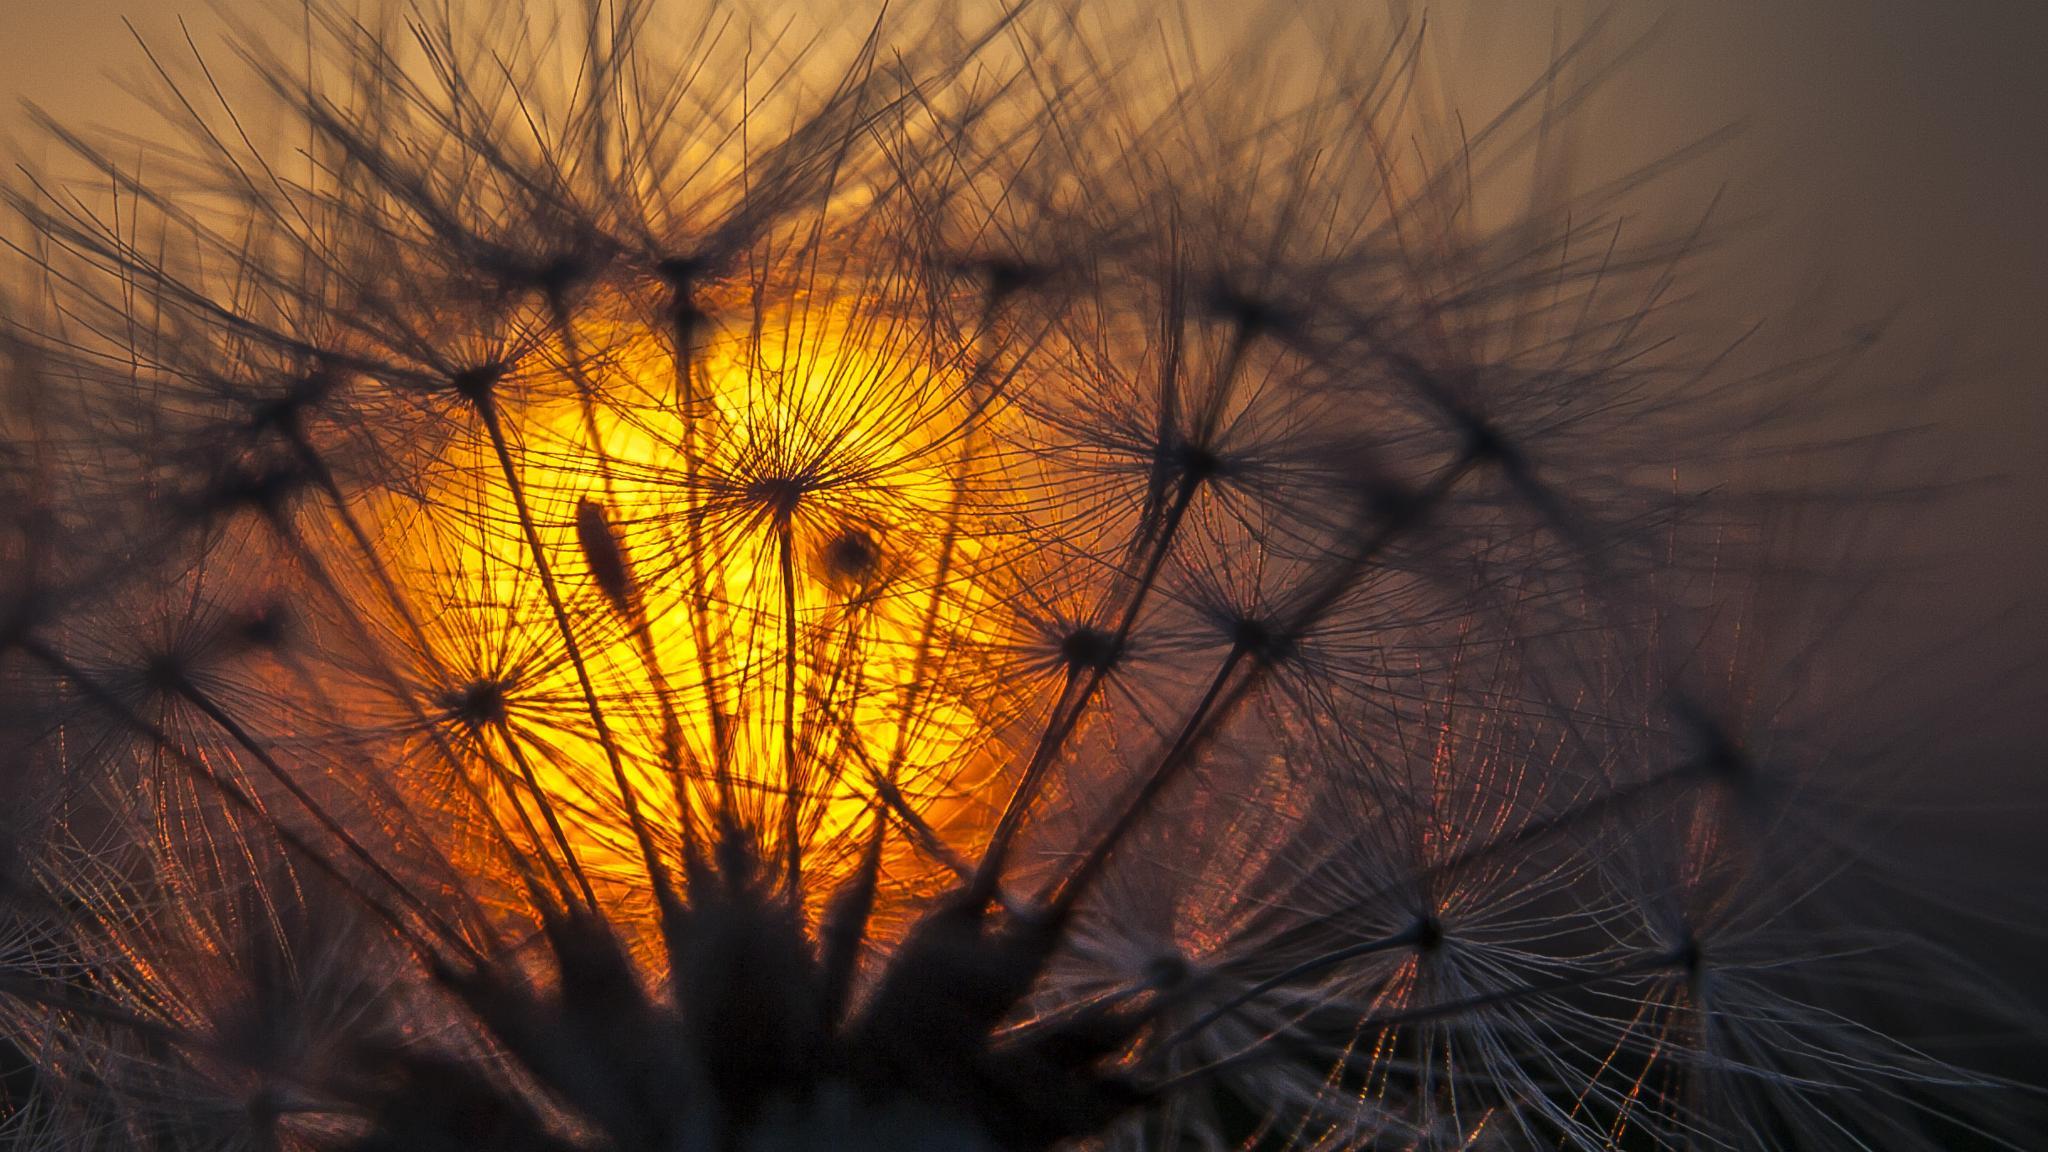 Glowing dandelion by Kenéz Imre